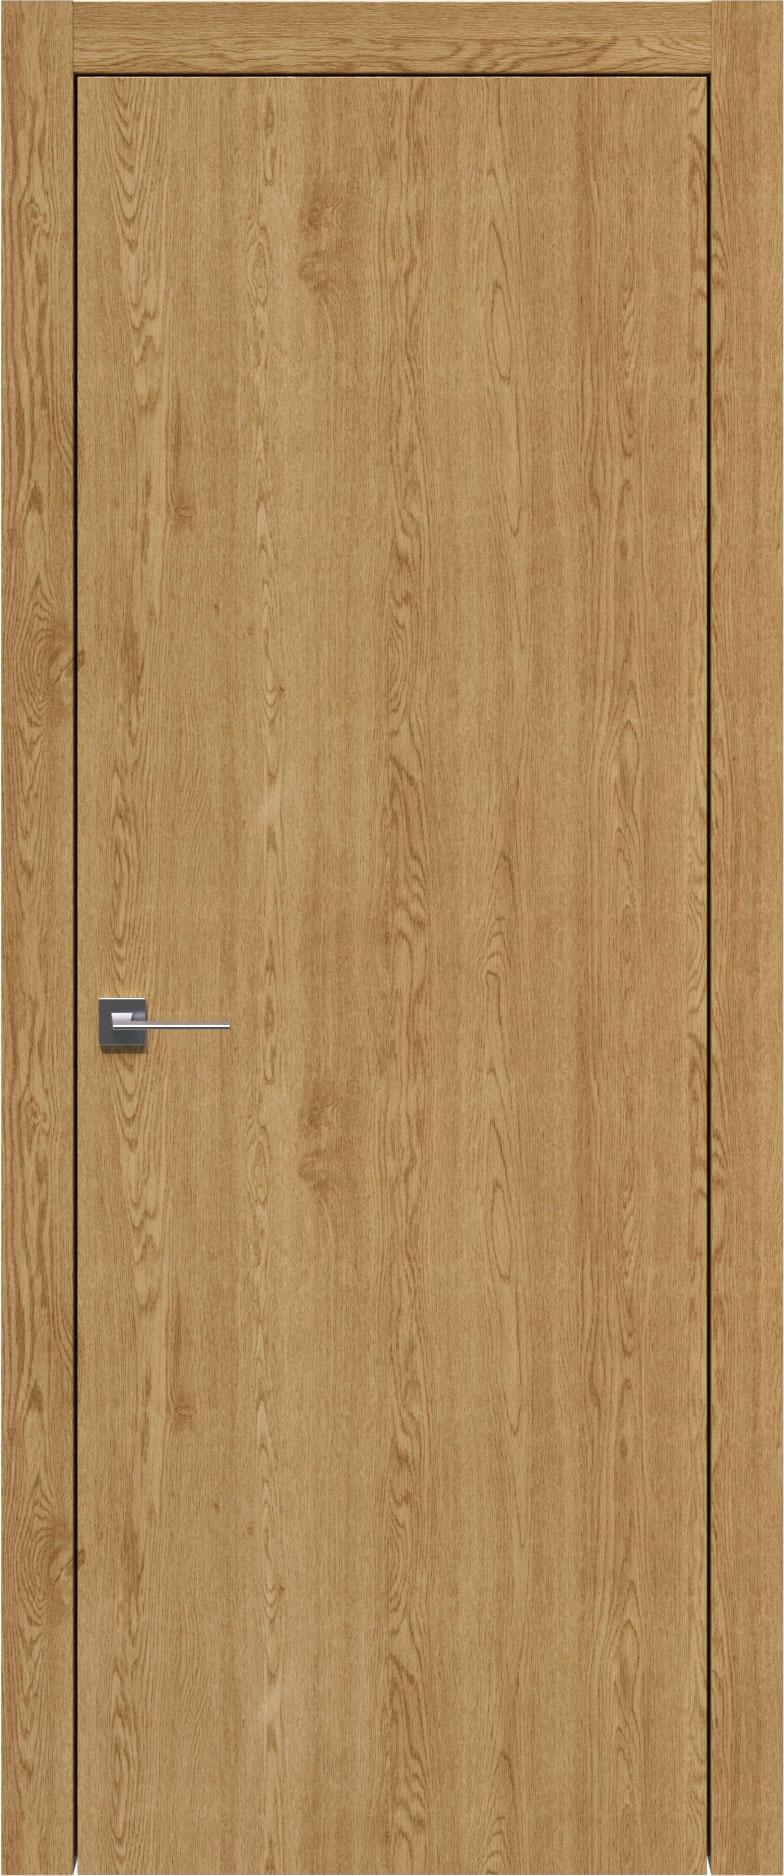 Tivoli А-1 цвет - Дуб натуральный Без стекла (ДГ)